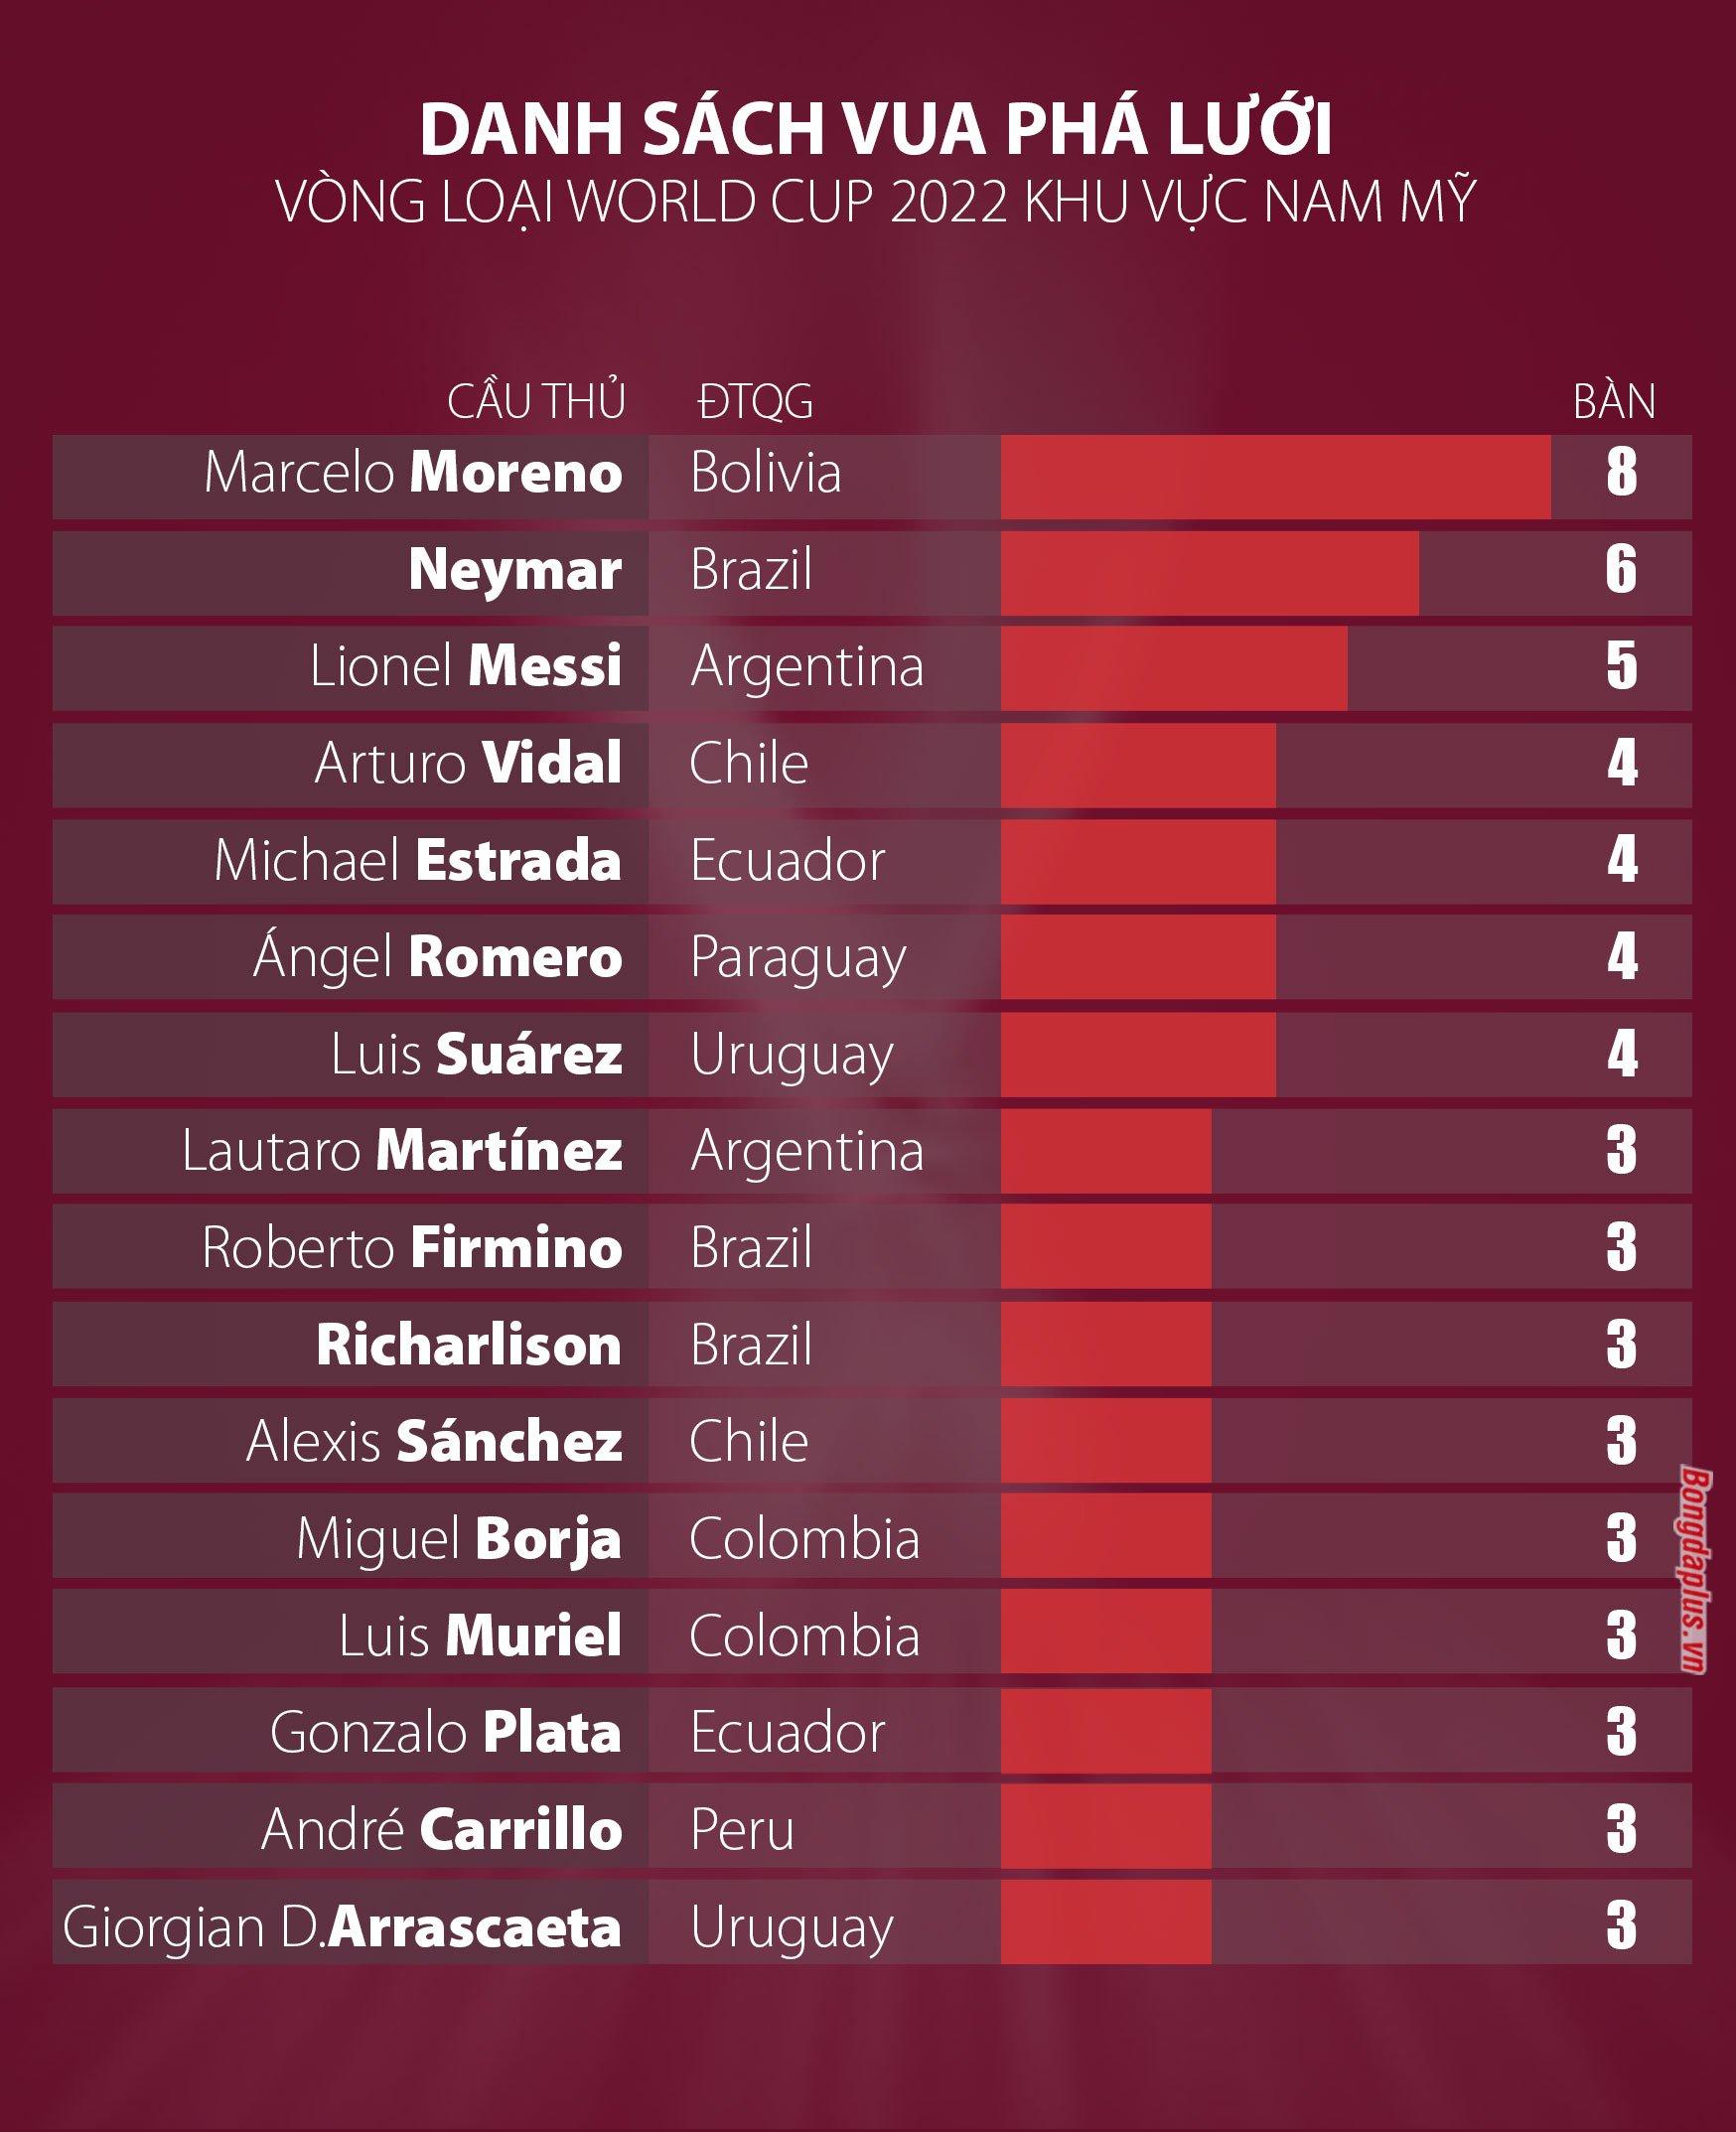 Danh sách cầu thủ ghi bàn nhiều nhất vòng loại World Cup 2022 khu vực Nam Mỹ